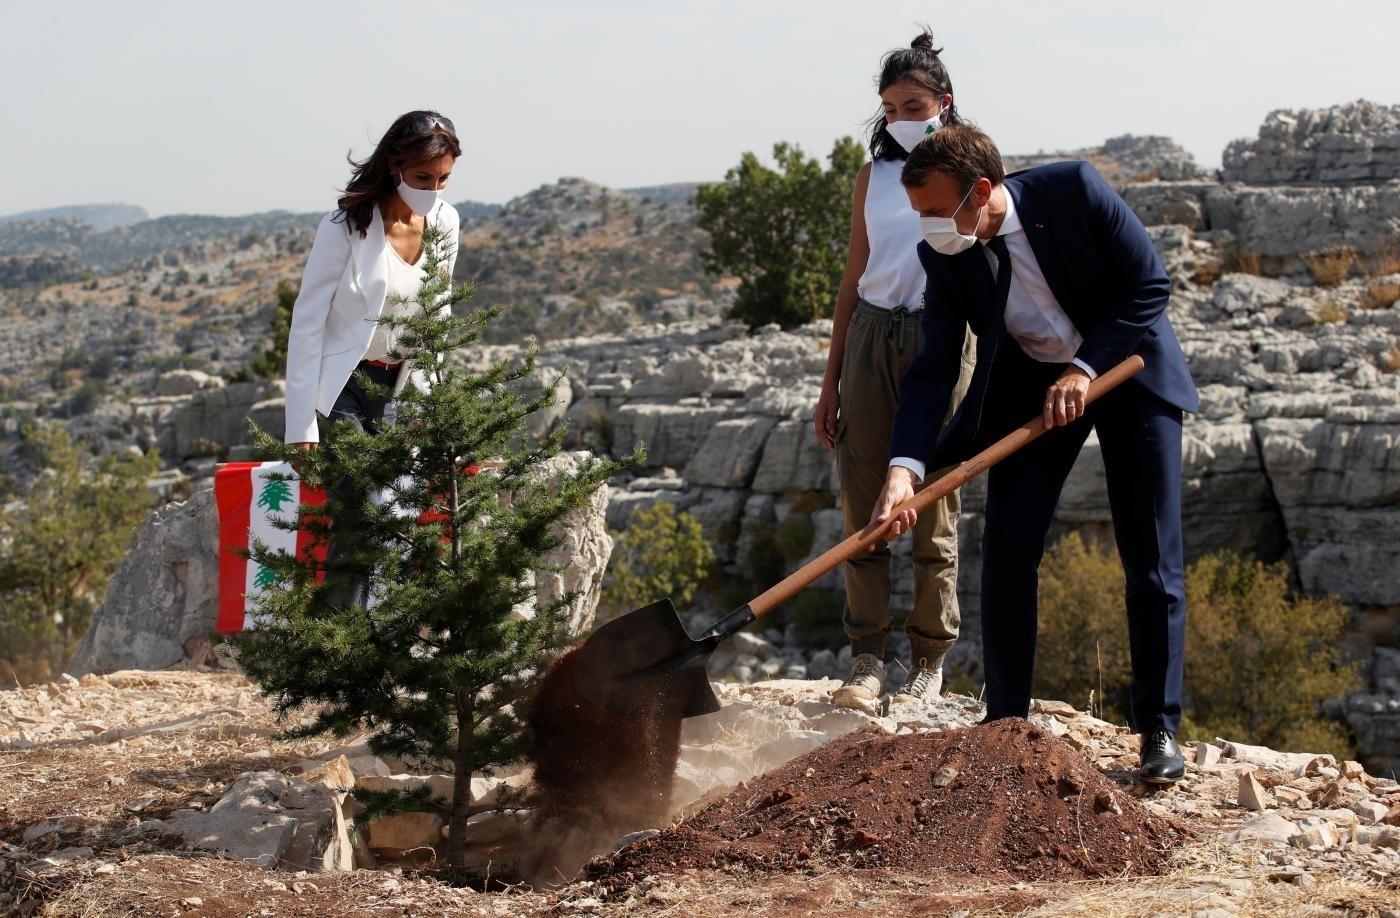 الإمارات اللبنانية غير المتحدة تعود إلى الانتداب